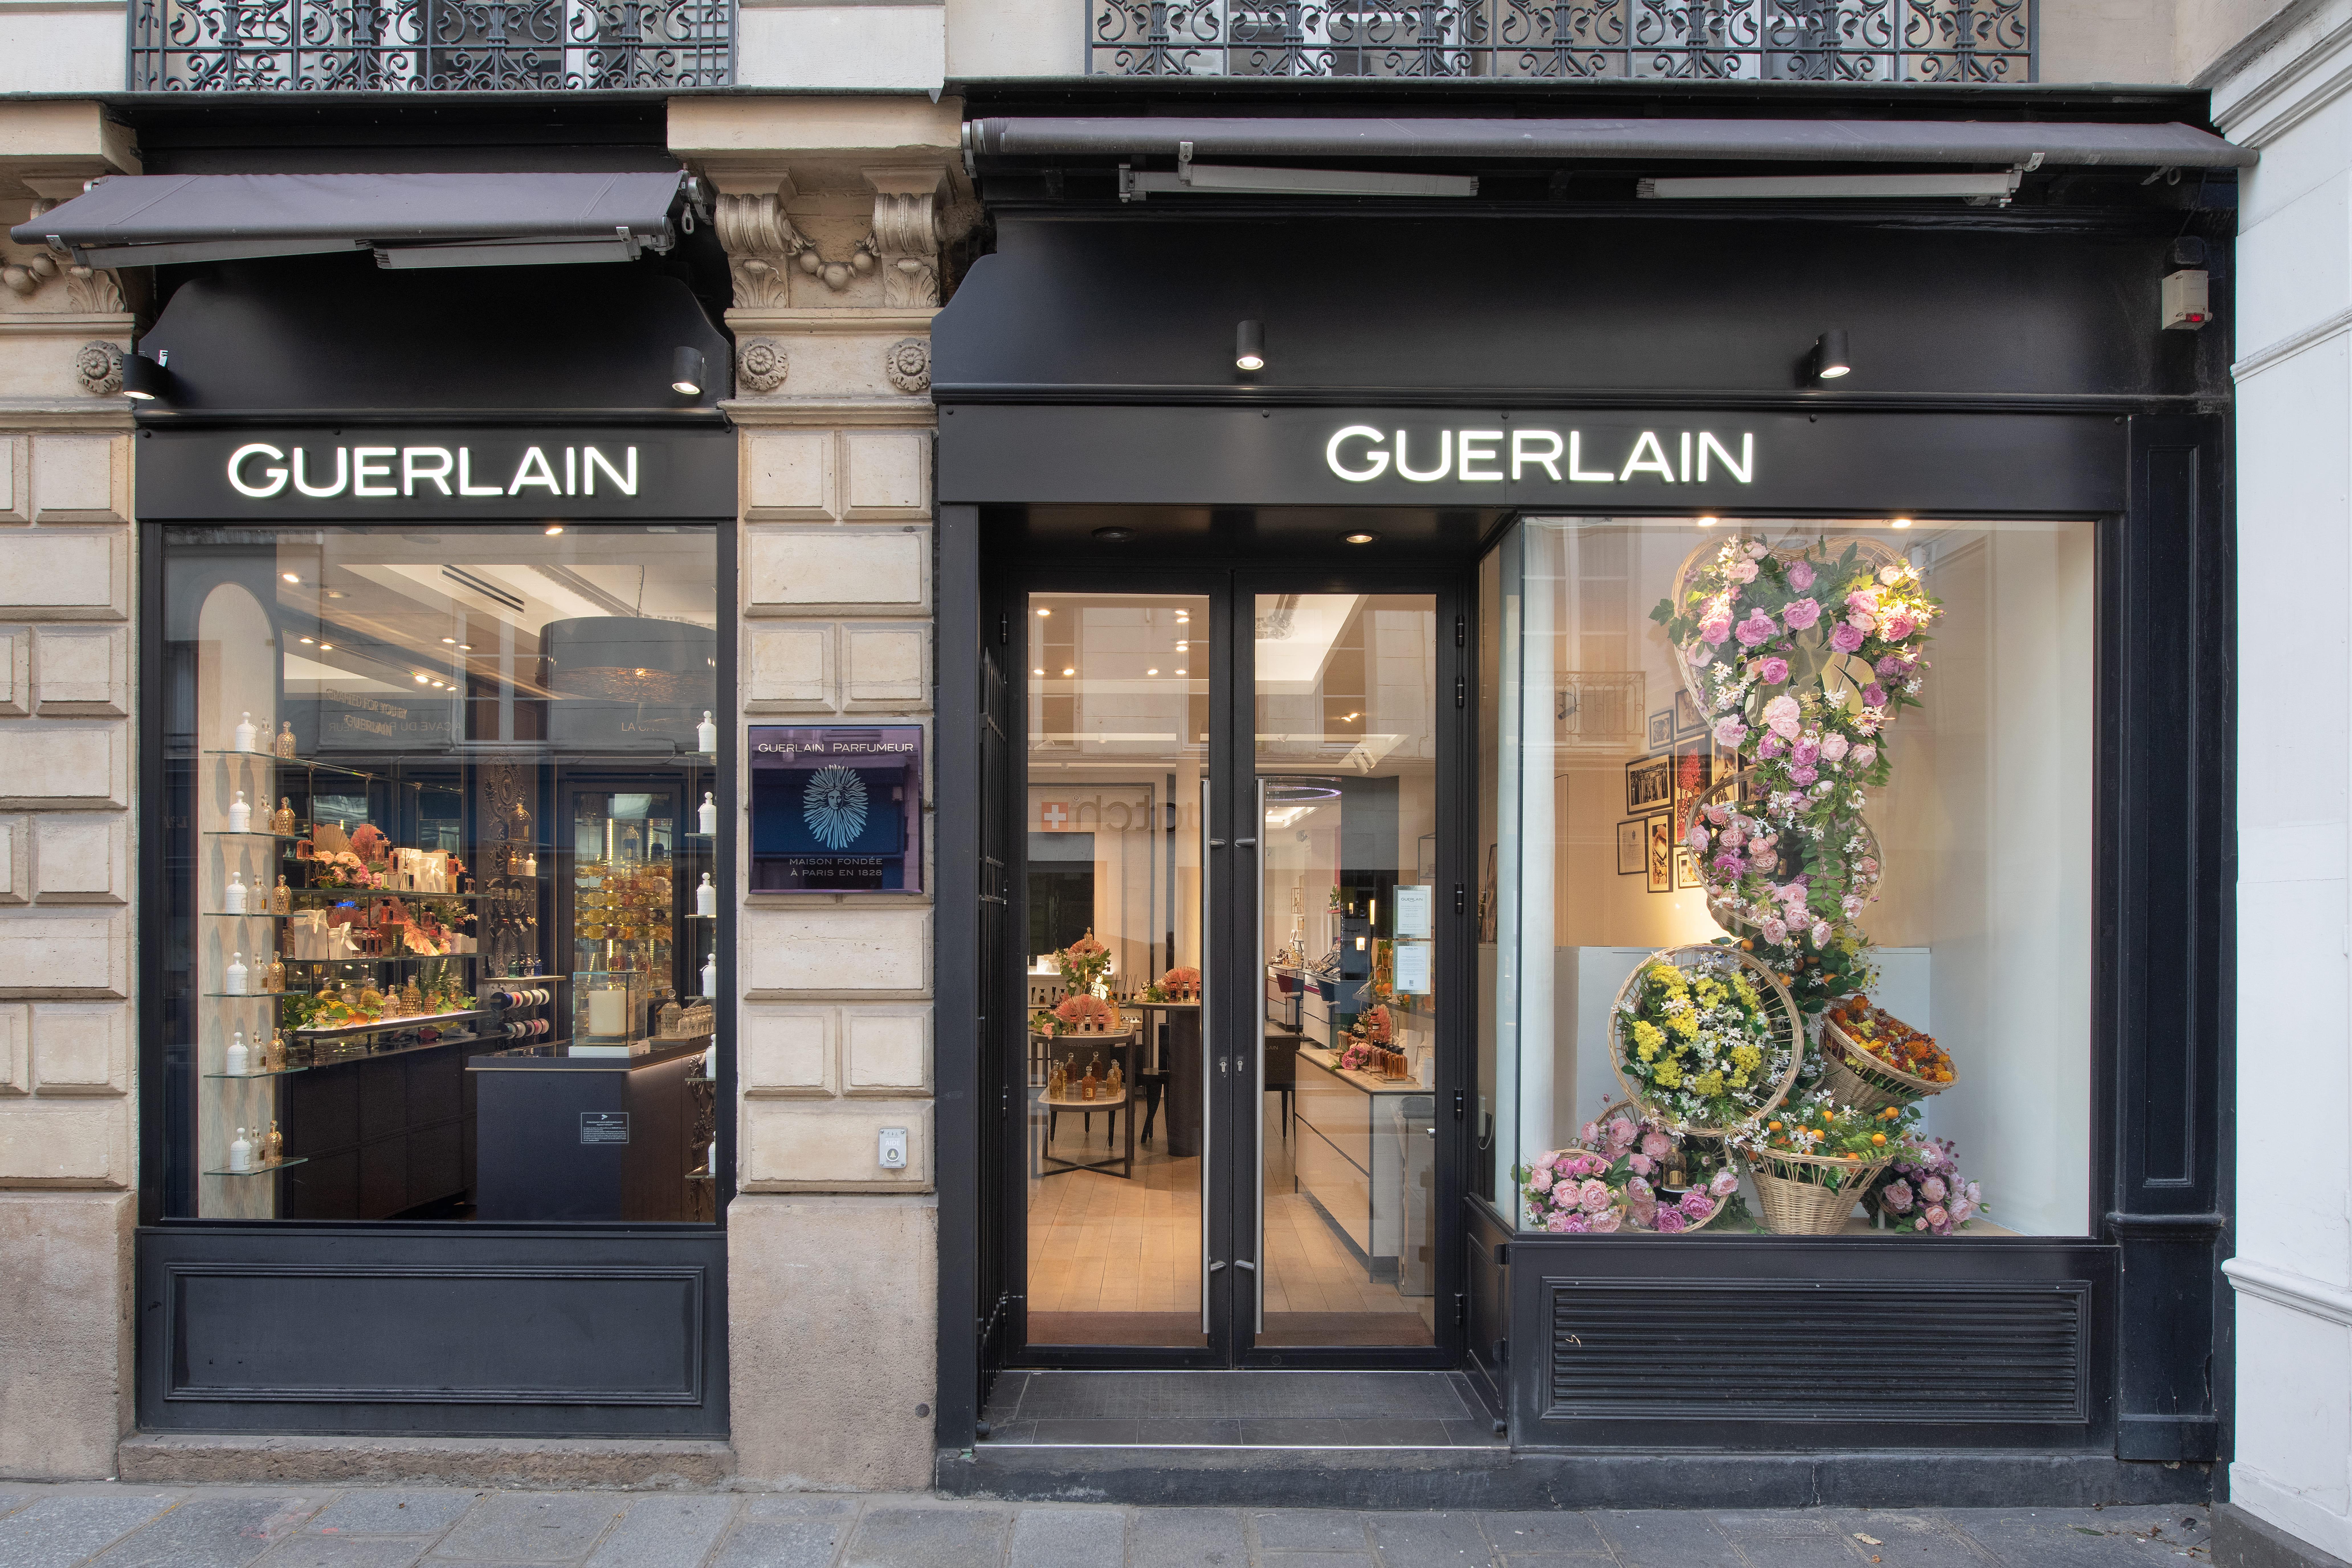 Negozio Guerlain